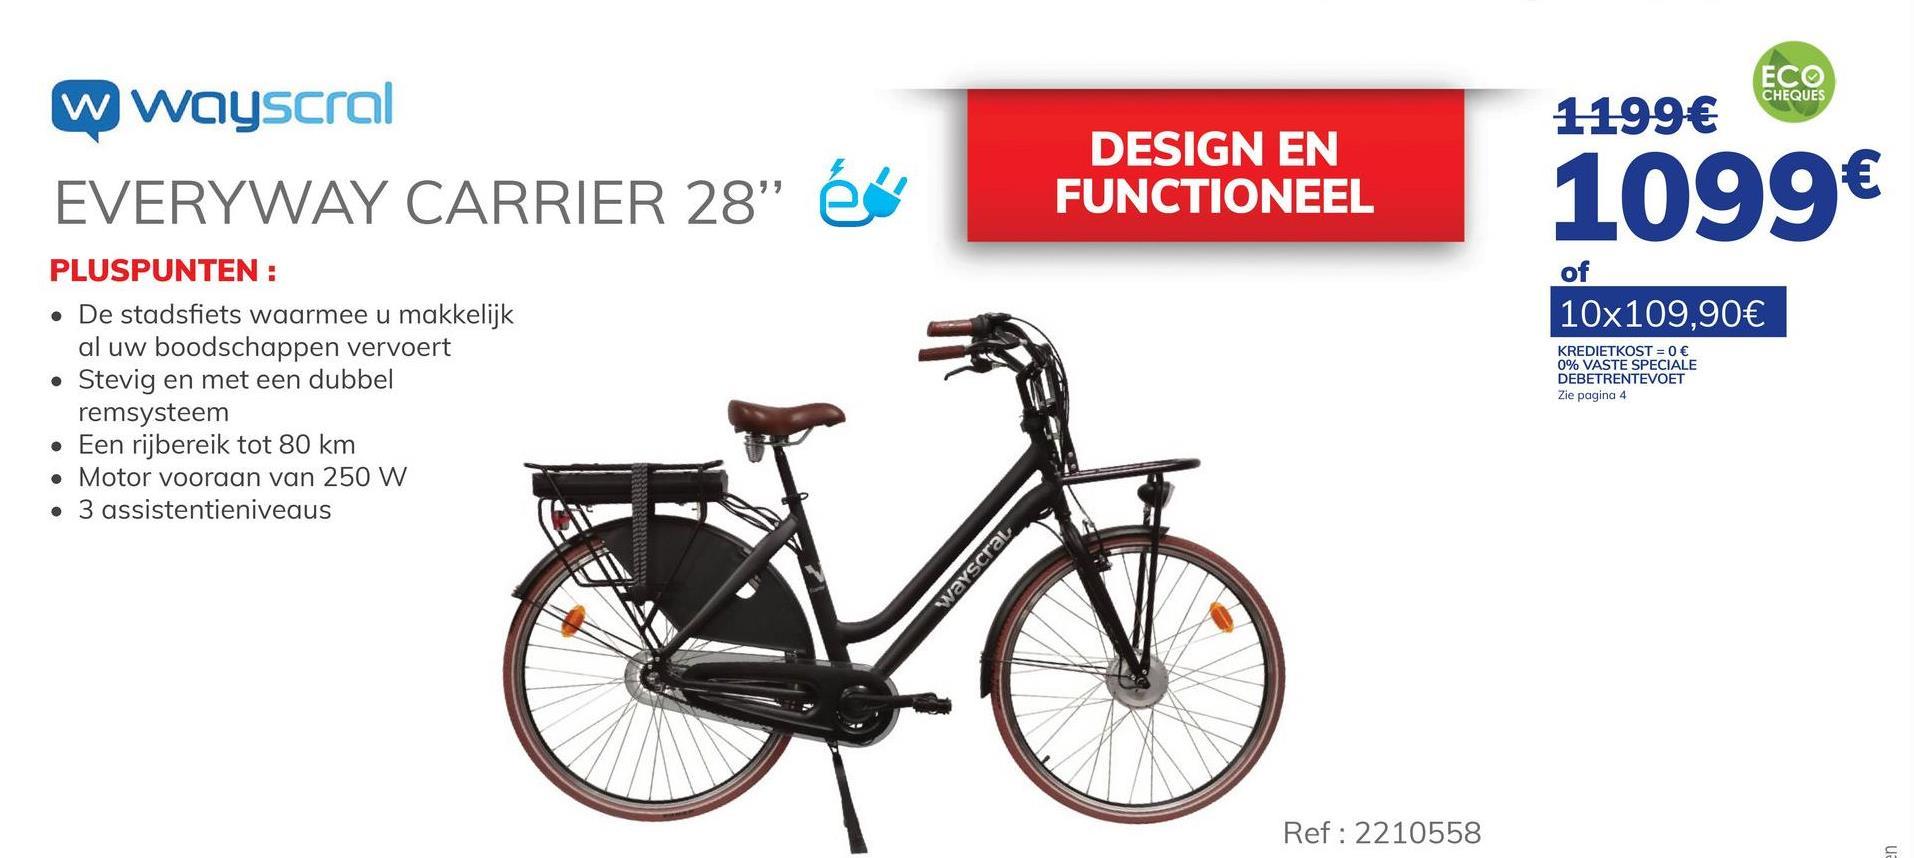 """Elektrische Fiets Wayscral Everyway Carrier 28 Zwart"""" De elektrische stadsfiets WAYSCRAL Everyway Carrier 28 Zwart is een stadsfiets waarmee u met gemak al uw boodschappen of andere zaken kan vervoeren. Hij heeft een bereik van 60 à 80 km, afhankelijk van je snelheid, dankzij de voorwielmotor van 250 W en koppel van 34 Nm en de lithiumcelbatterij SAMSUNG 36 V 13 Ah 468 Wh. Daarnaast beschikt de fiets over 28"""" wielen. Hij heeft ook een dubbel remsysteem van het type V-Brake en """"SHIMANO Roller brake"""" geïntegreerd in de achternaaf. Bovendien heeft hij een interne transmissie in de achternaaf met 7 versnellingen van ''SHIMANO Nexus'', een kettingkast, spatborden, een bagagedrager vooraan en achteraan, en een pikkel. Tot slot kunt u met een LED-display de 3 bijstandsniveaus en het batterijniveau beheren. De assistentie helpt u tot 25 km/u. De oplaadtijd van de batterij bedraagt 5 à 6 uur. De lader en de batterij worden bij de fiets geleverd. Voor meer informatie over dit product verwijzen wij u graag door naar de website van het merk Wayscral."""". - Tot 80 km bereik. - Lithiumcelbatterij van SAMSUNG 36 V 13 Ah 468 Wh. - Voorwielmotor van 250 W en 34 Nm koppel. - Interne transmissie aan achternaaf met 7 versnellingen van SHIMANO Nexus - Dubbel remsysteem: van het type V-Brake en SHIMANO Roller brake geïntegreerd in de achternaaf. Ontdek de premies bij het kopen van een elektrische fiets. Klik hier >"""""""